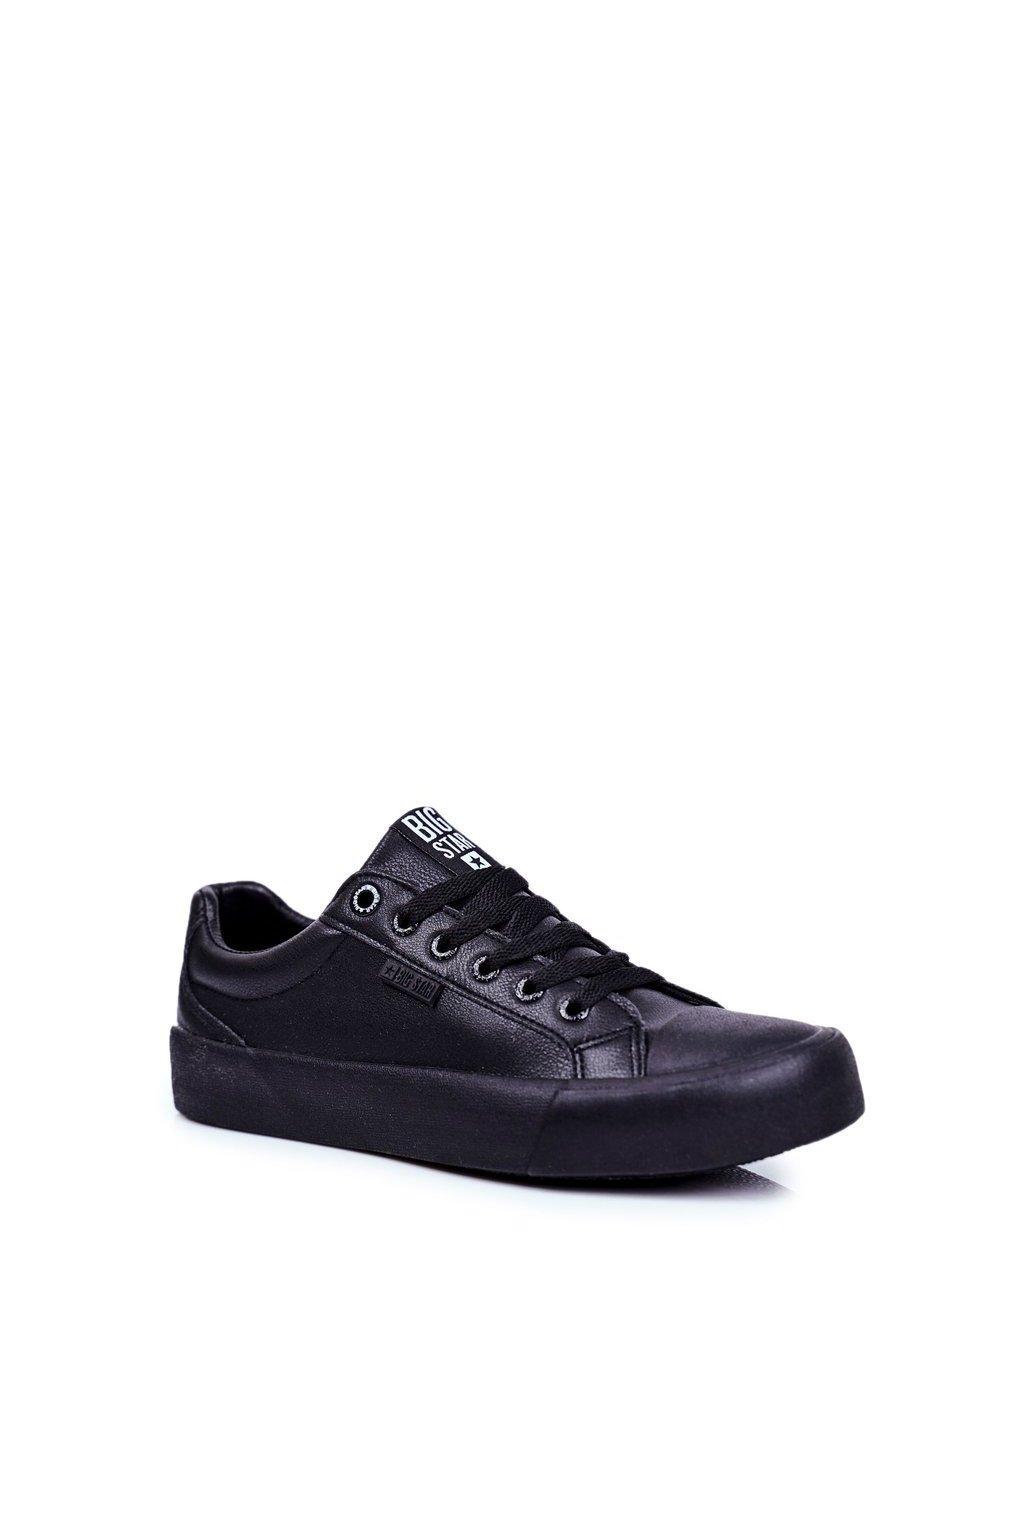 Čierna obuv kód topánok GG174082 BLK